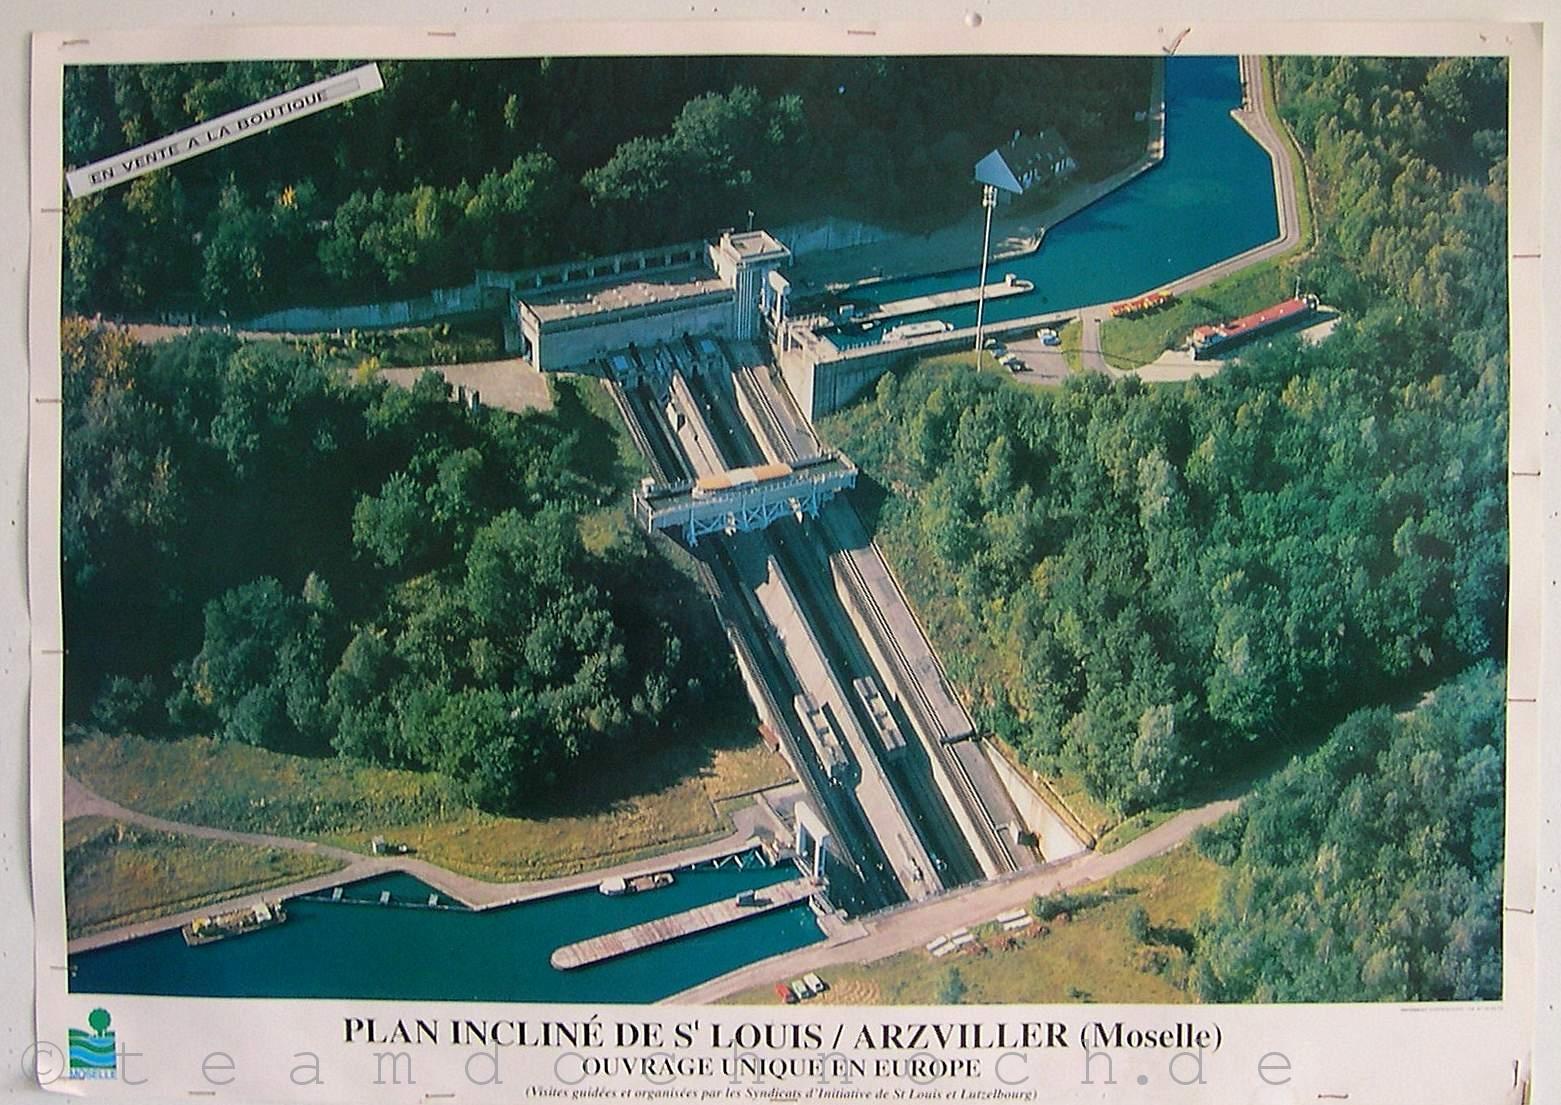 Schiffshebewerk saint louis arzviller b3b - Plan incline de saint louis arzviller ...